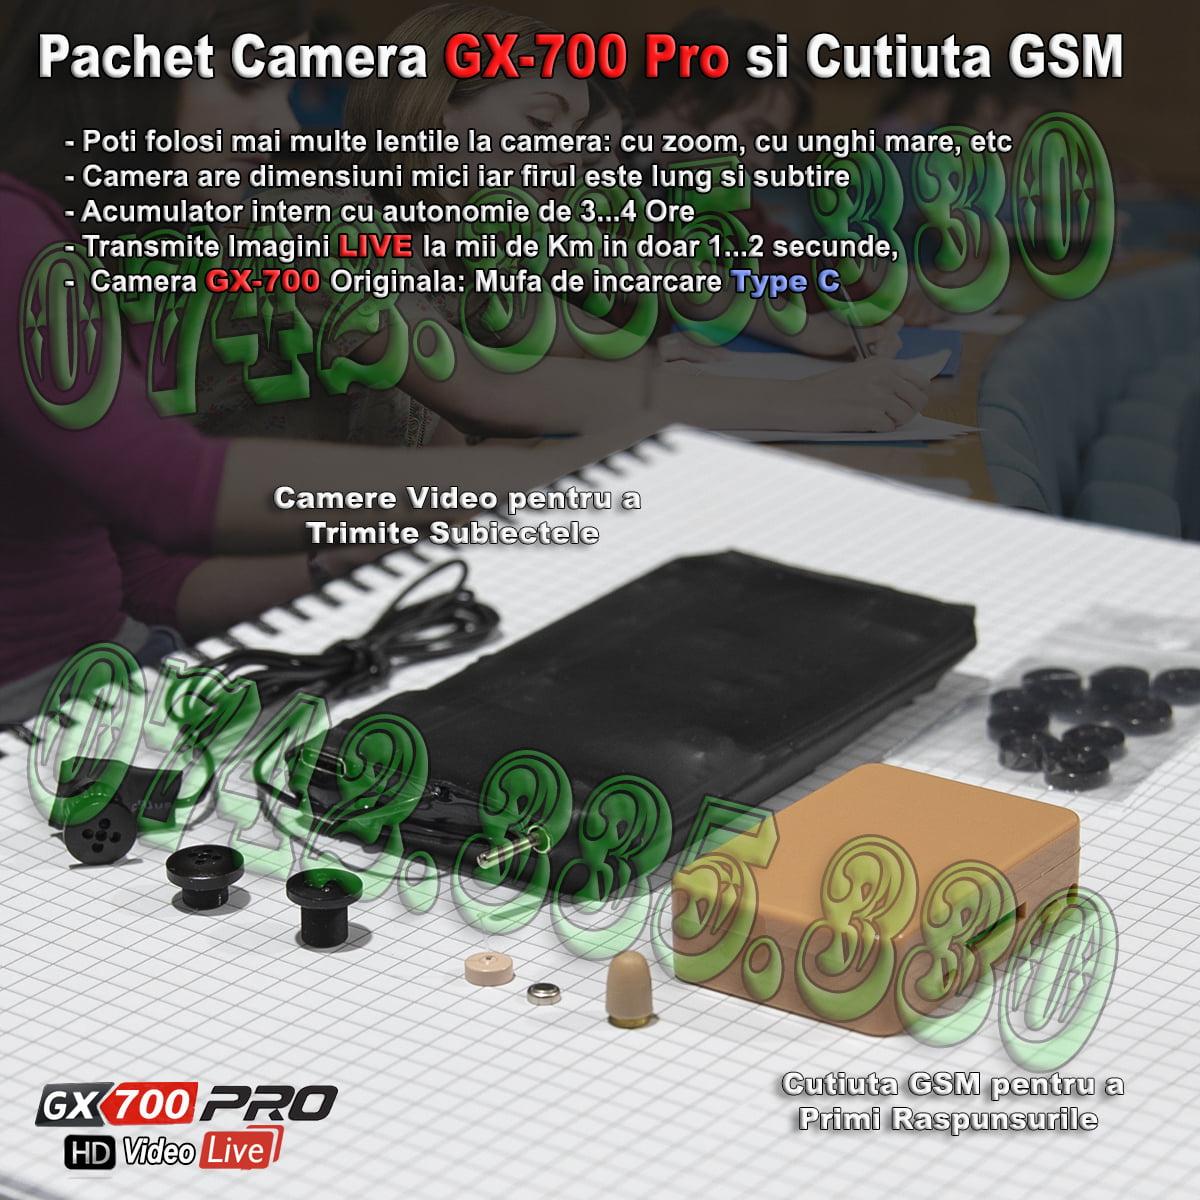 Casca de Copiat cu camera video GX700 Pro